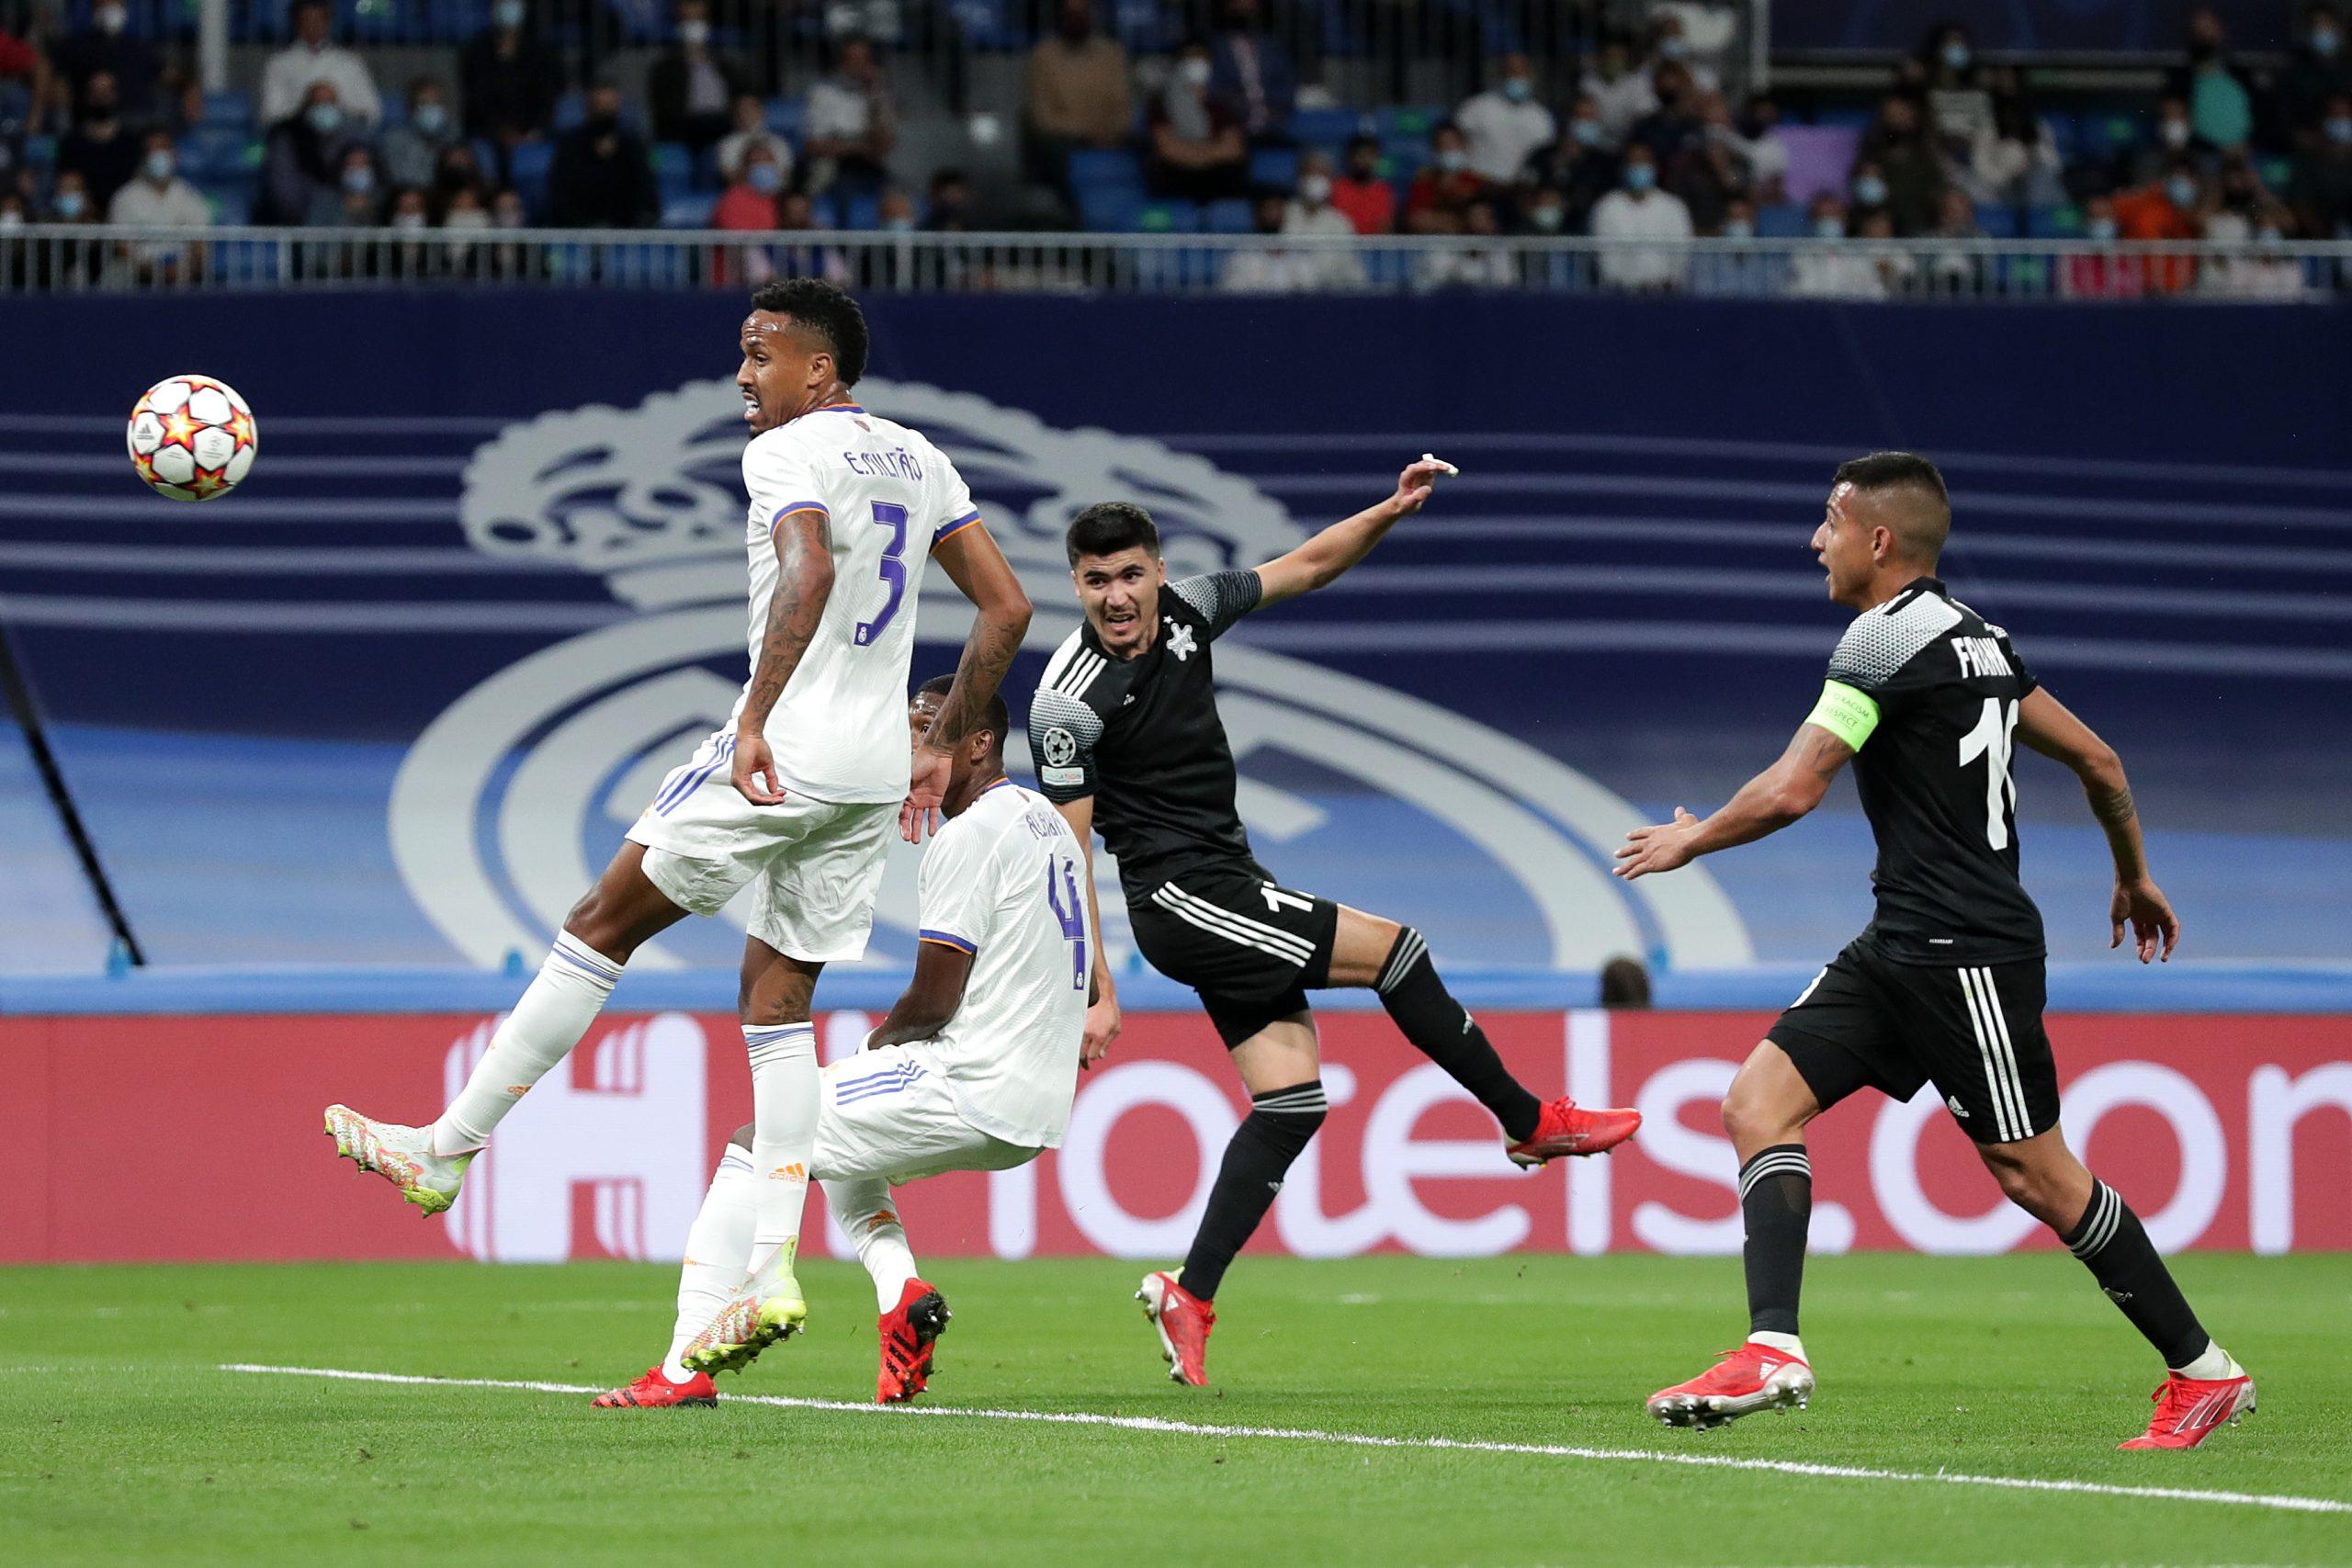 """بالفيديو   من تسديدةٍ خارقة ميسي يسجل أول أهدافه مع باريس في شباك مانشستر سيتي.. وسقوطٌ تاريخي لريال مدريد أمام """"فريق مغمور"""""""